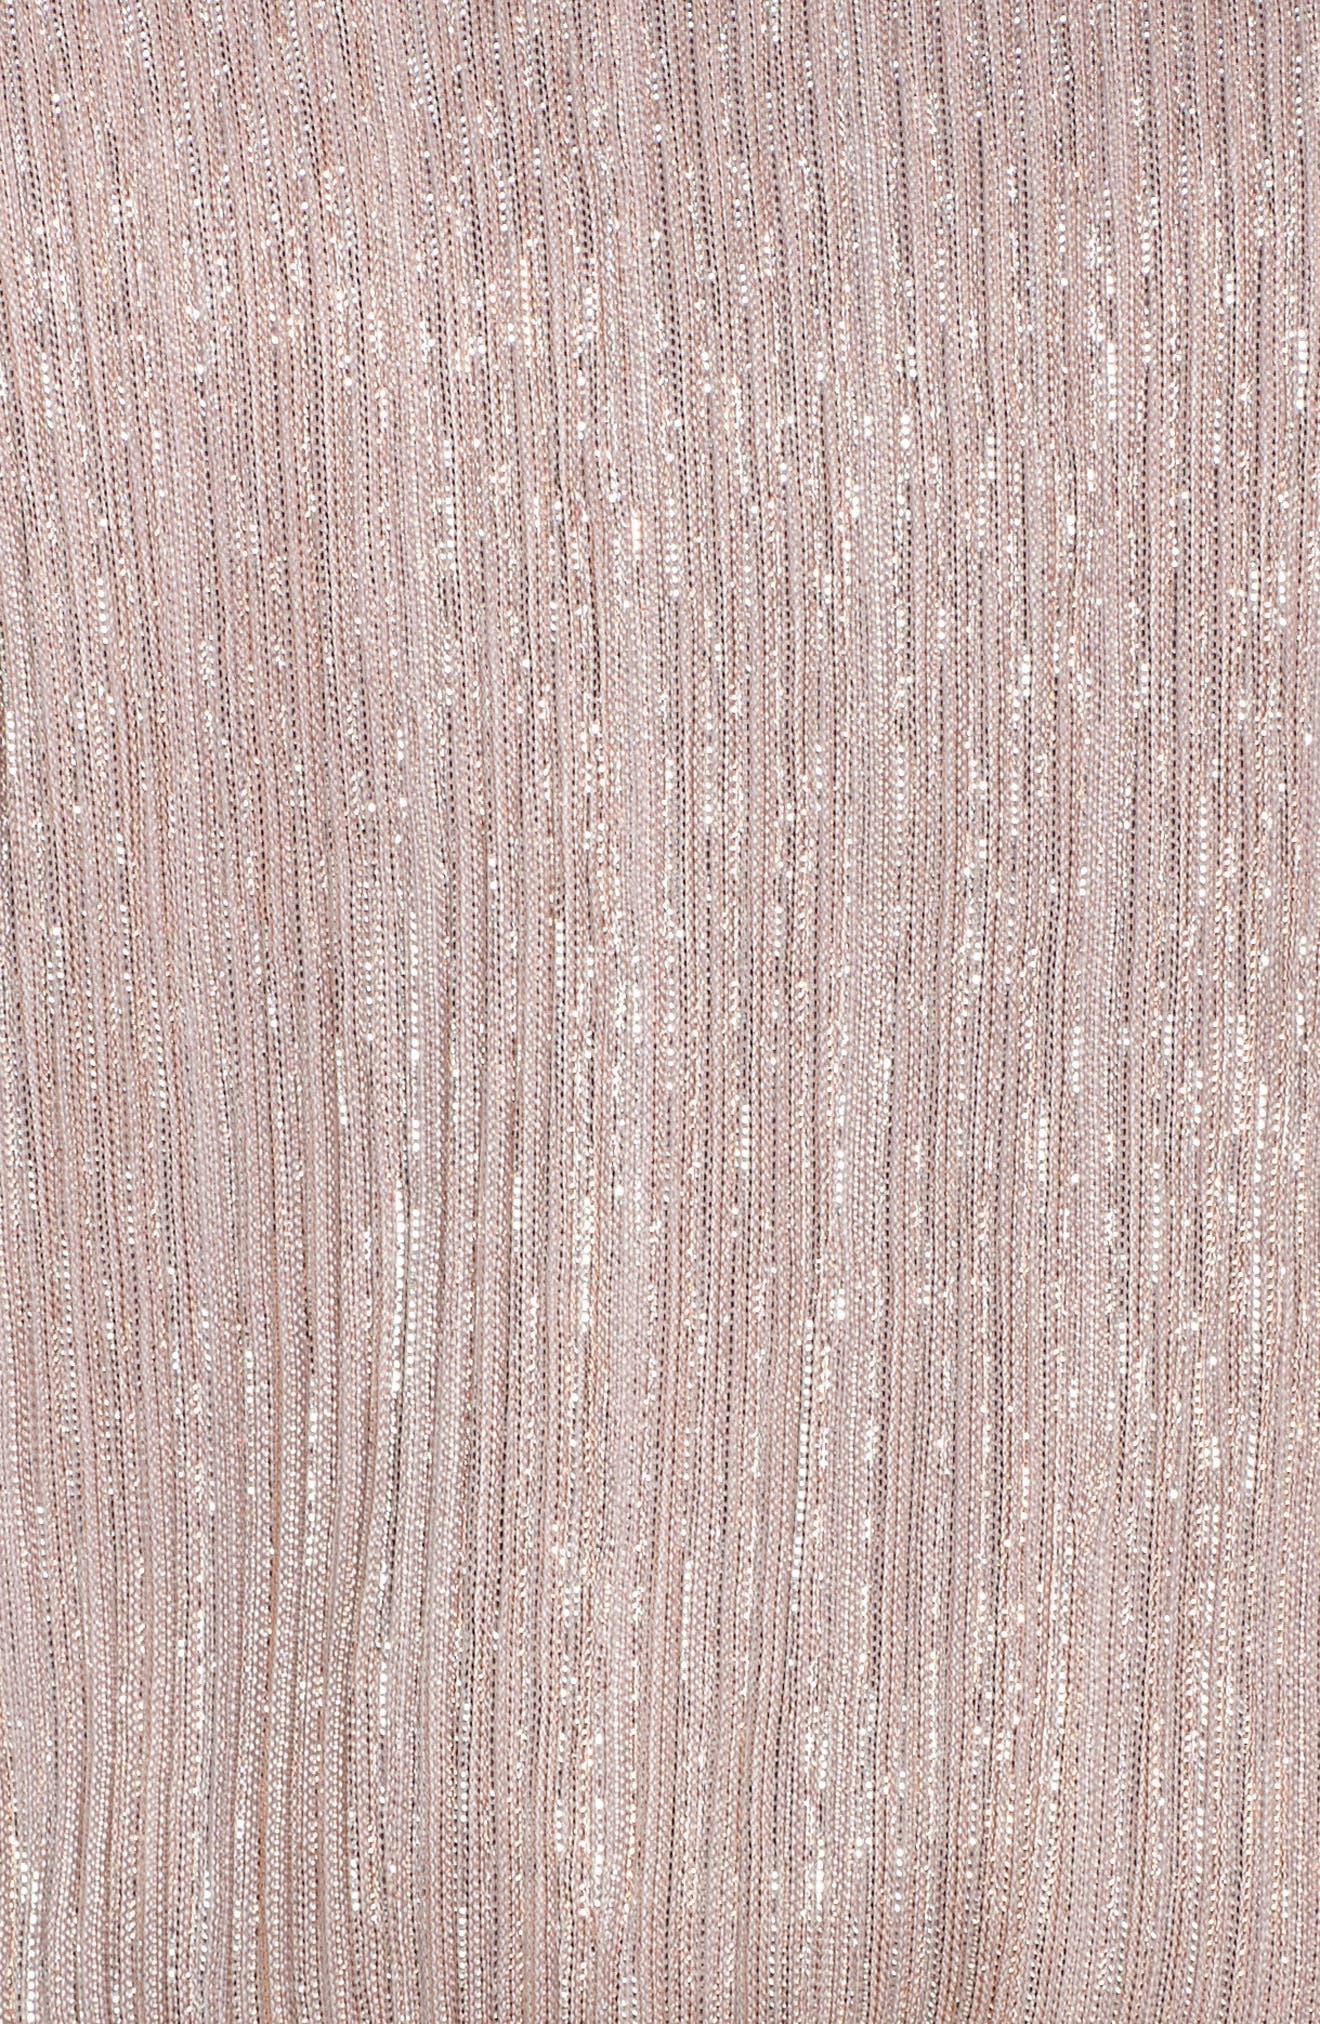 Kendall Blouson Maxi Dress,                             Alternate thumbnail 5, color,                             Magic Muave Glitter